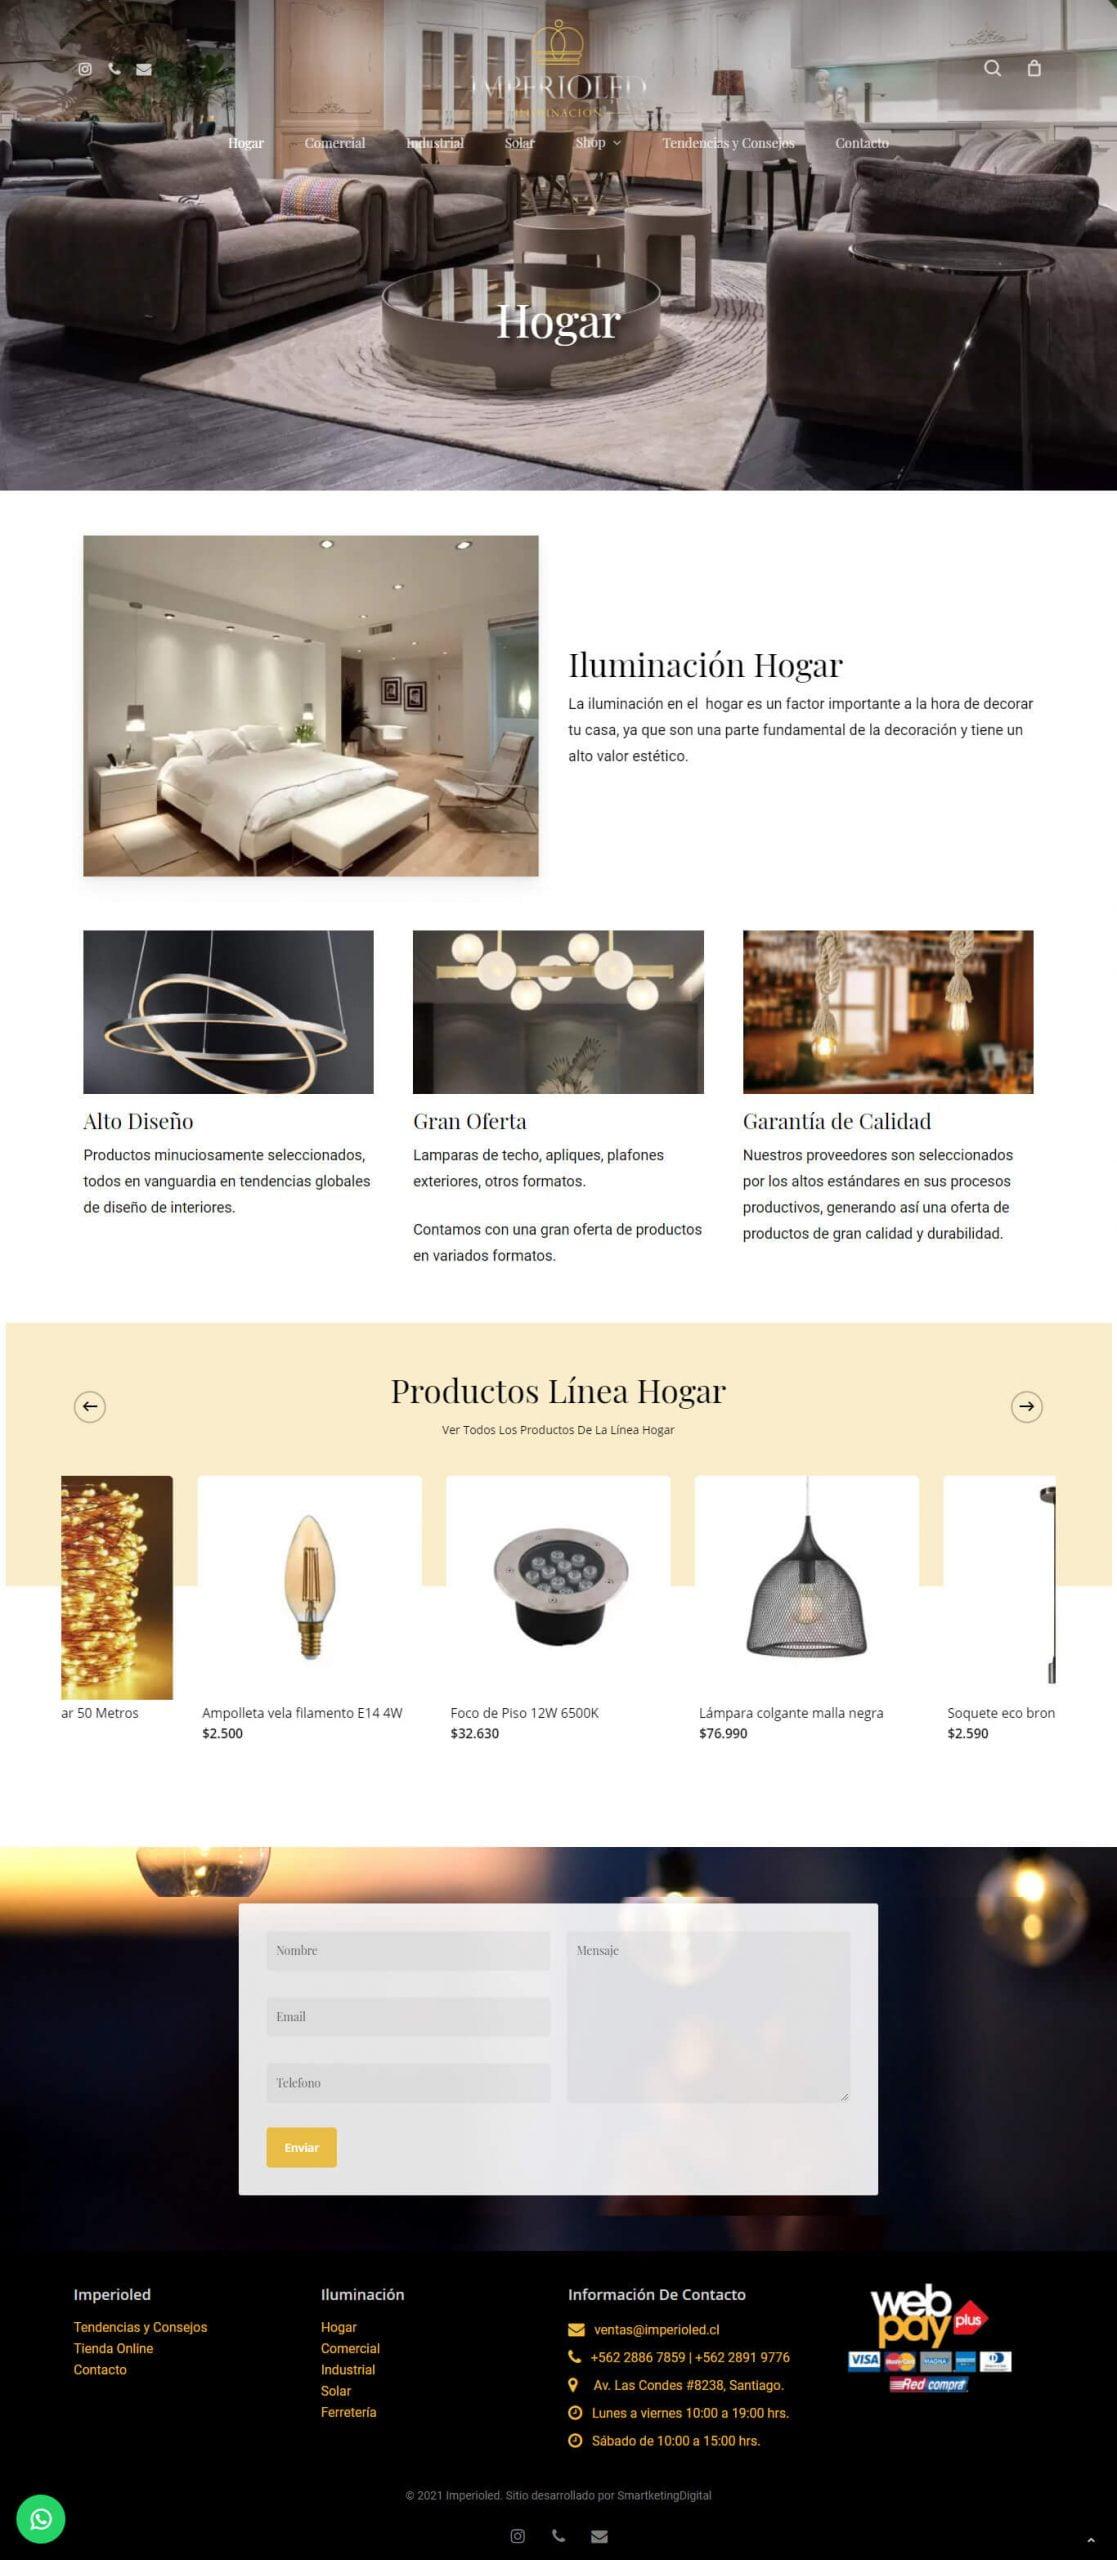 Imperioled sitio web desarrollado por Risi en conjunto con Smartketingdigital